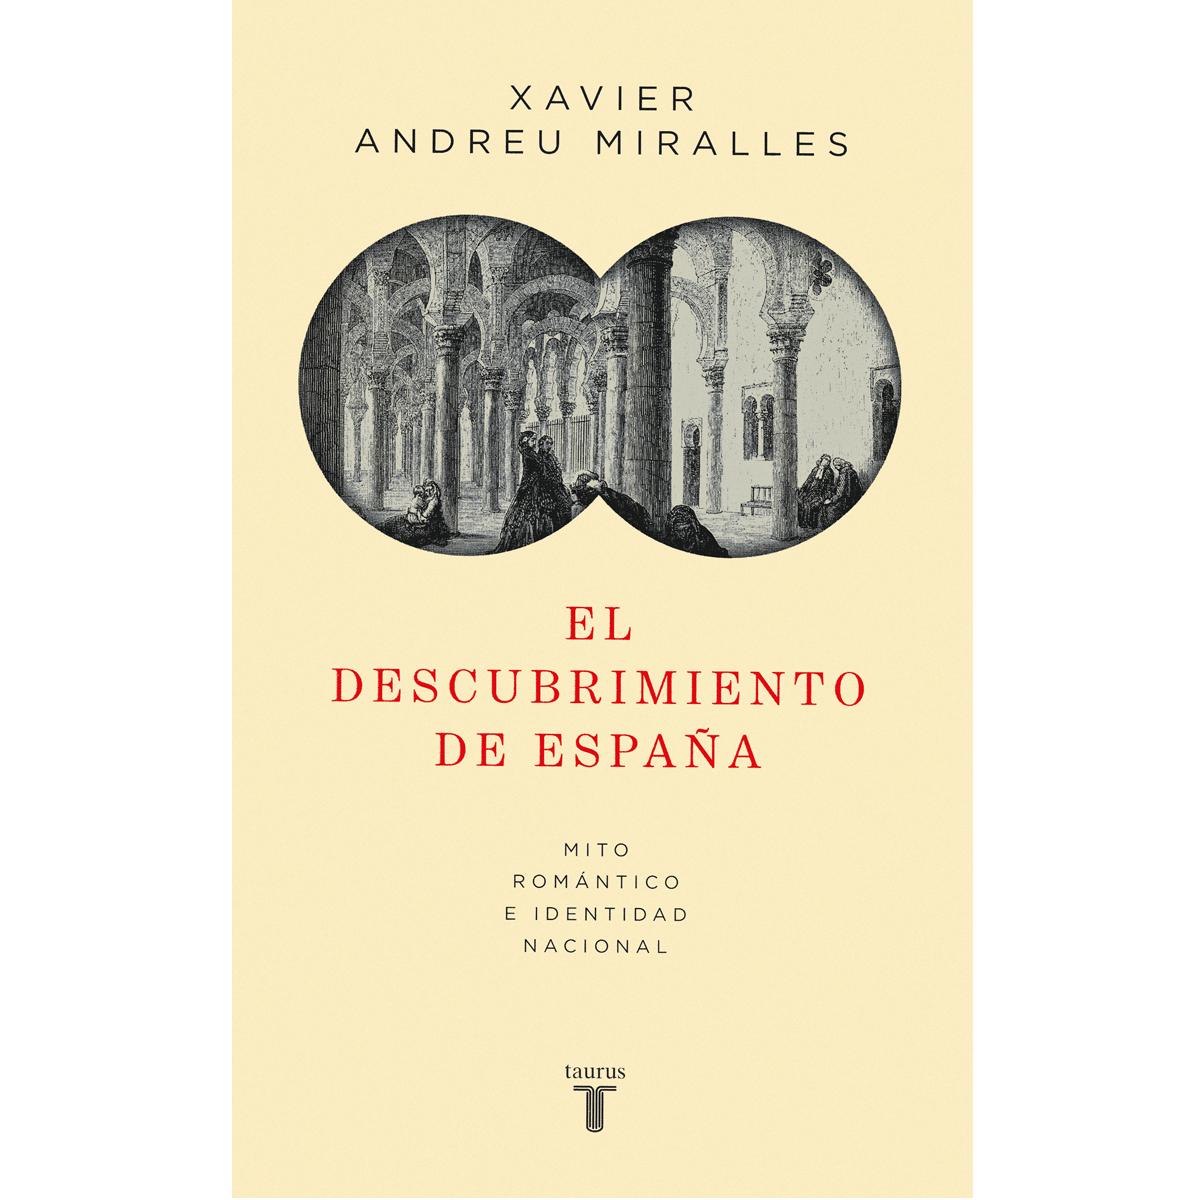 El descubrimiento de España